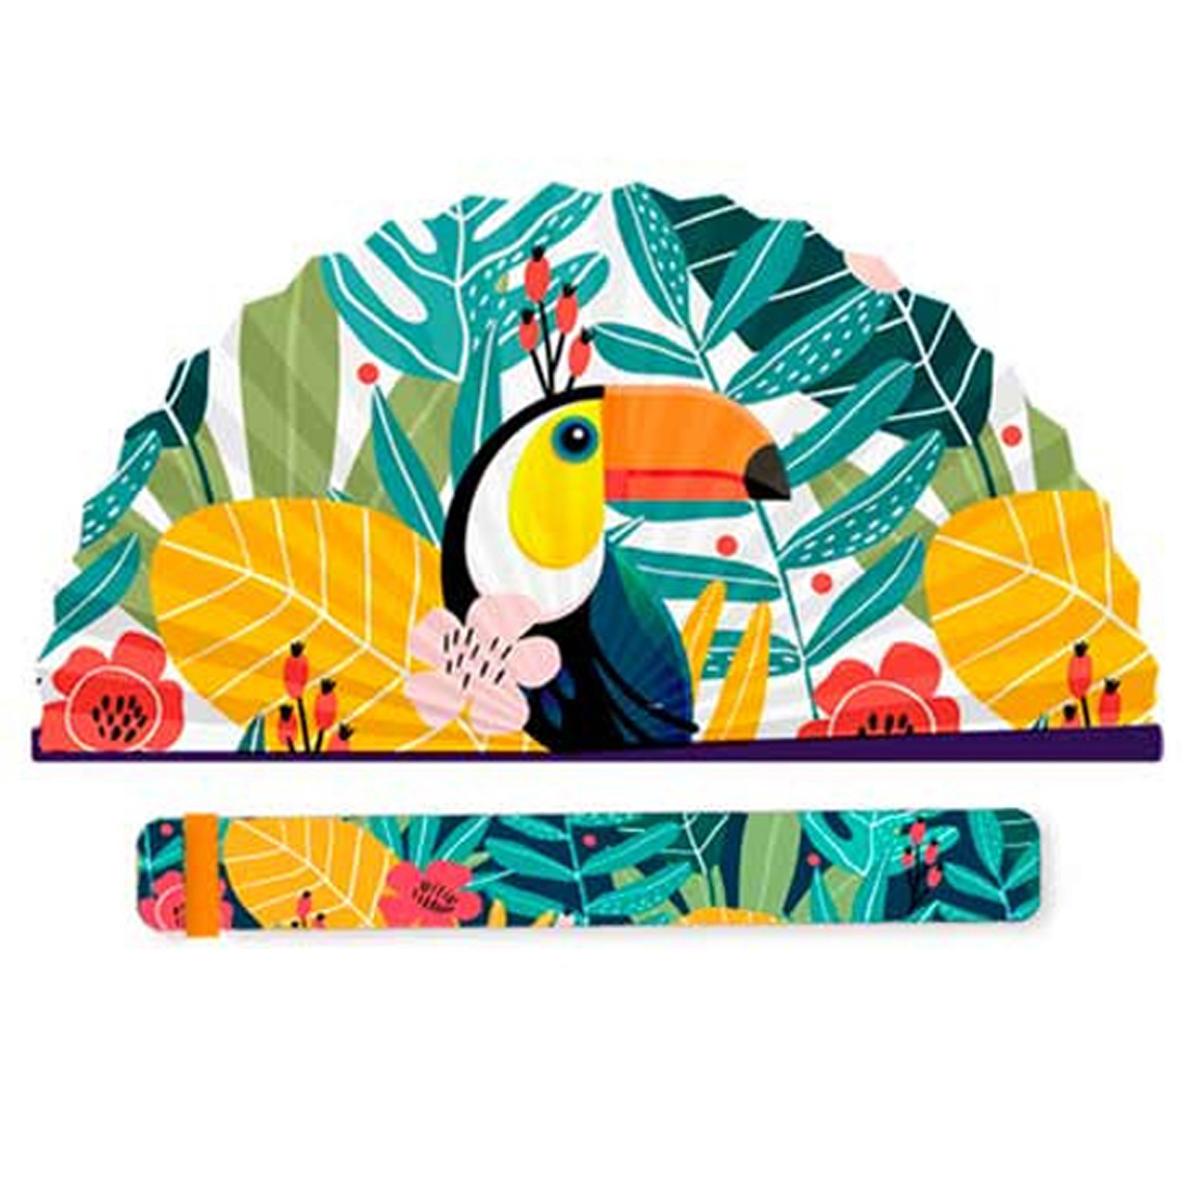 Eventail papier \'Toucan\' multicolore - 19x2 cm - [R2107]